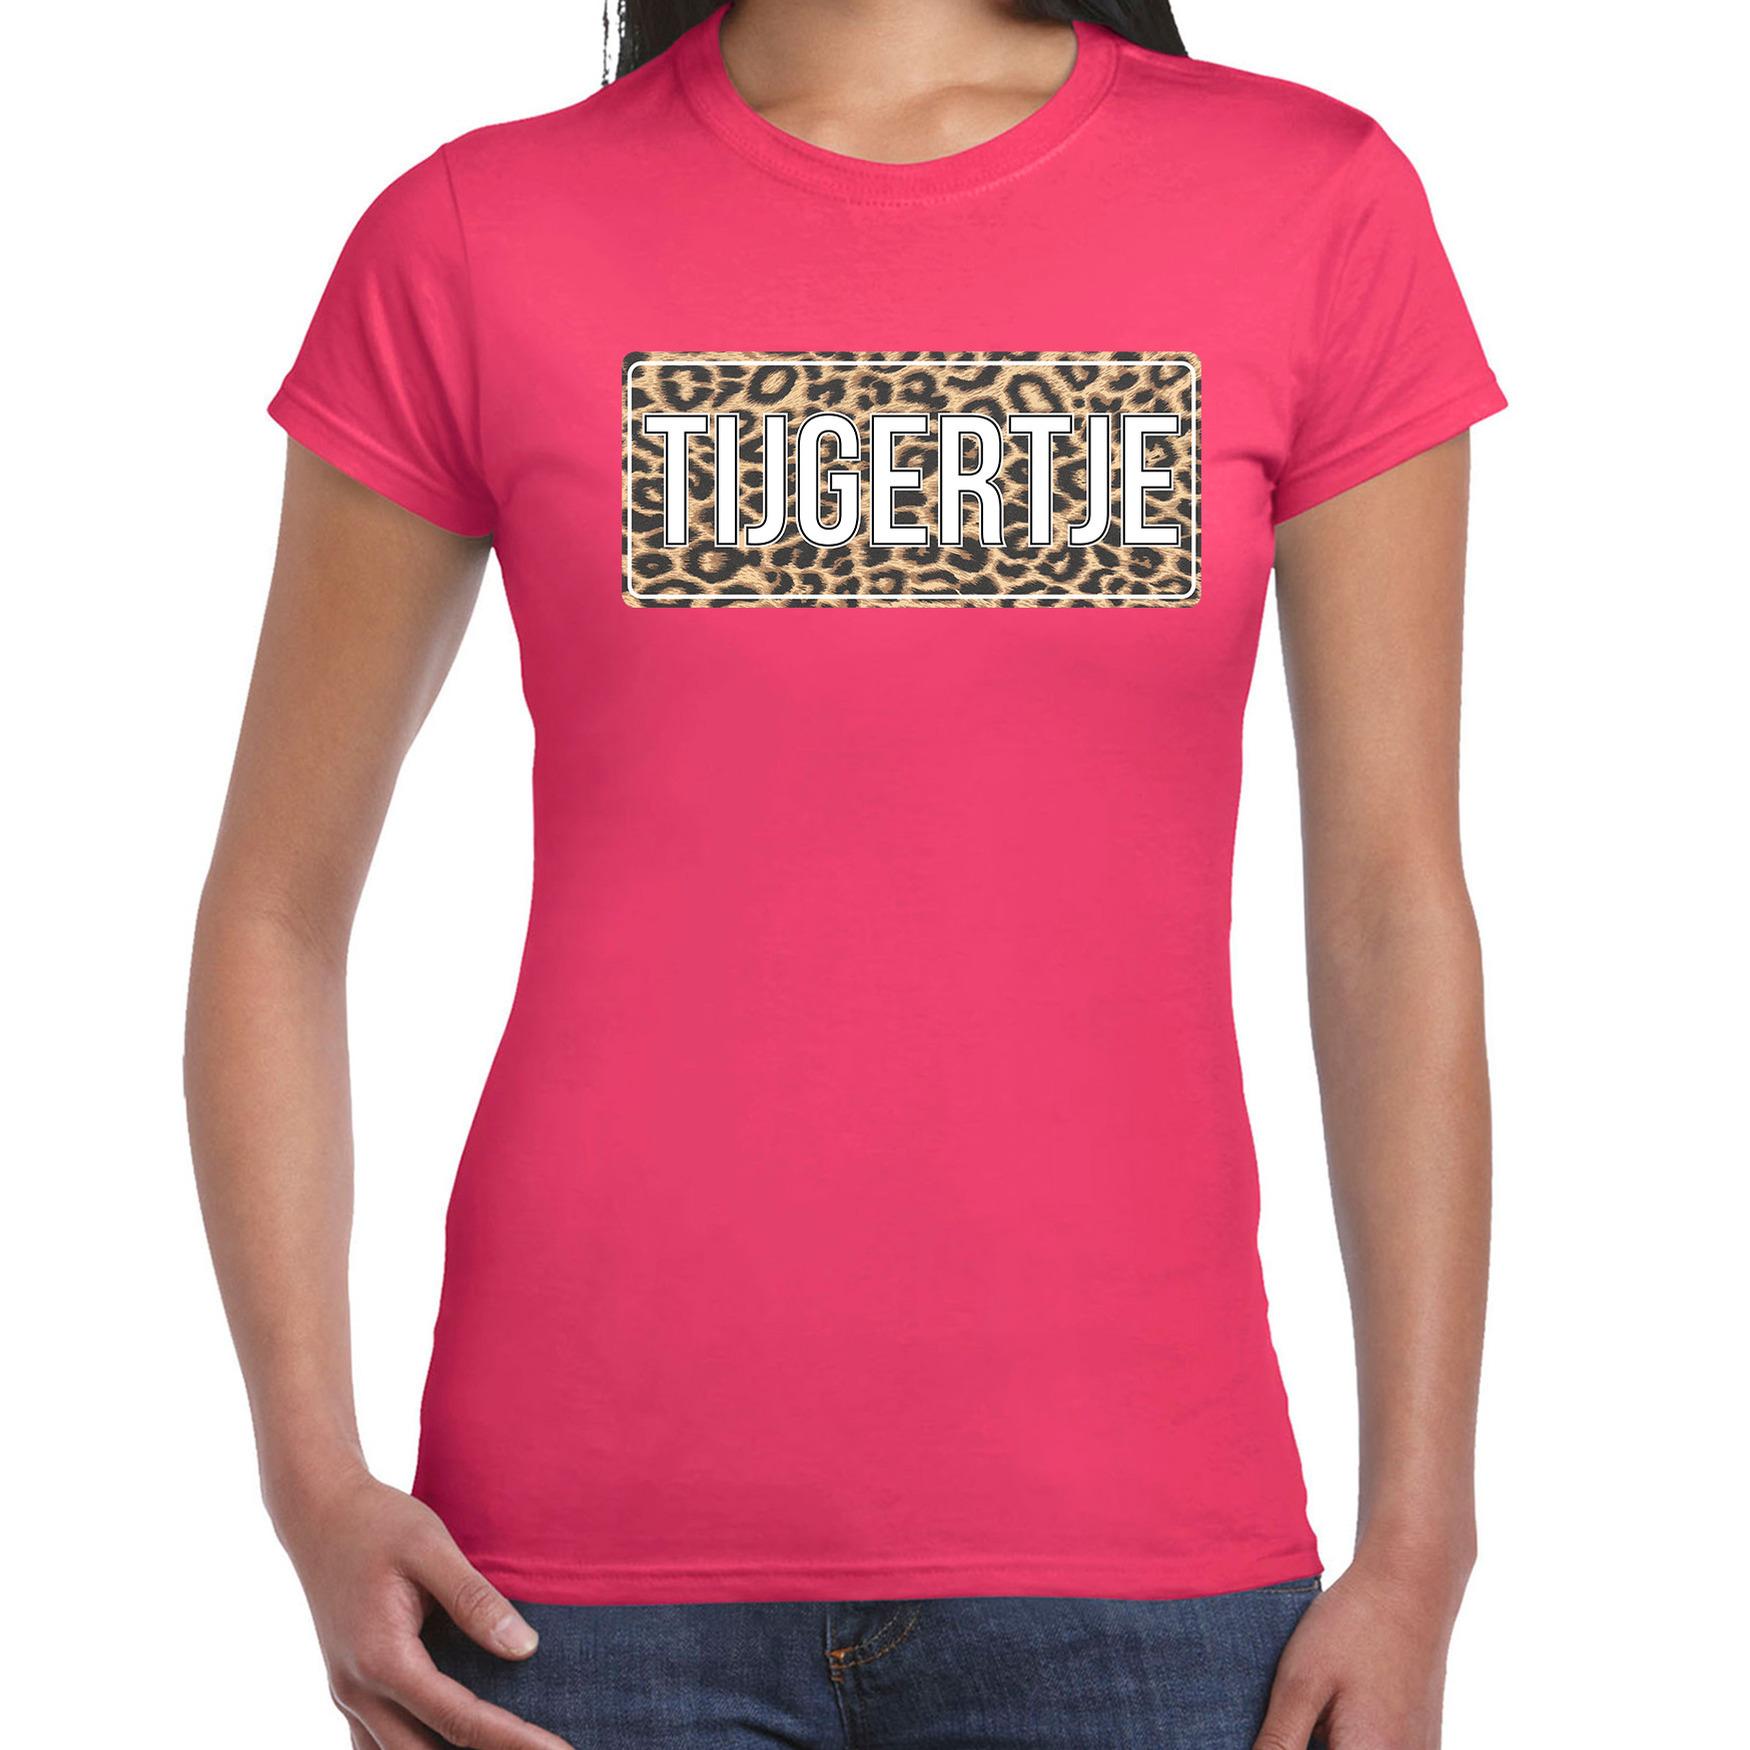 Tijgertje fun tekst t-shirt roze voor dames 2XL -